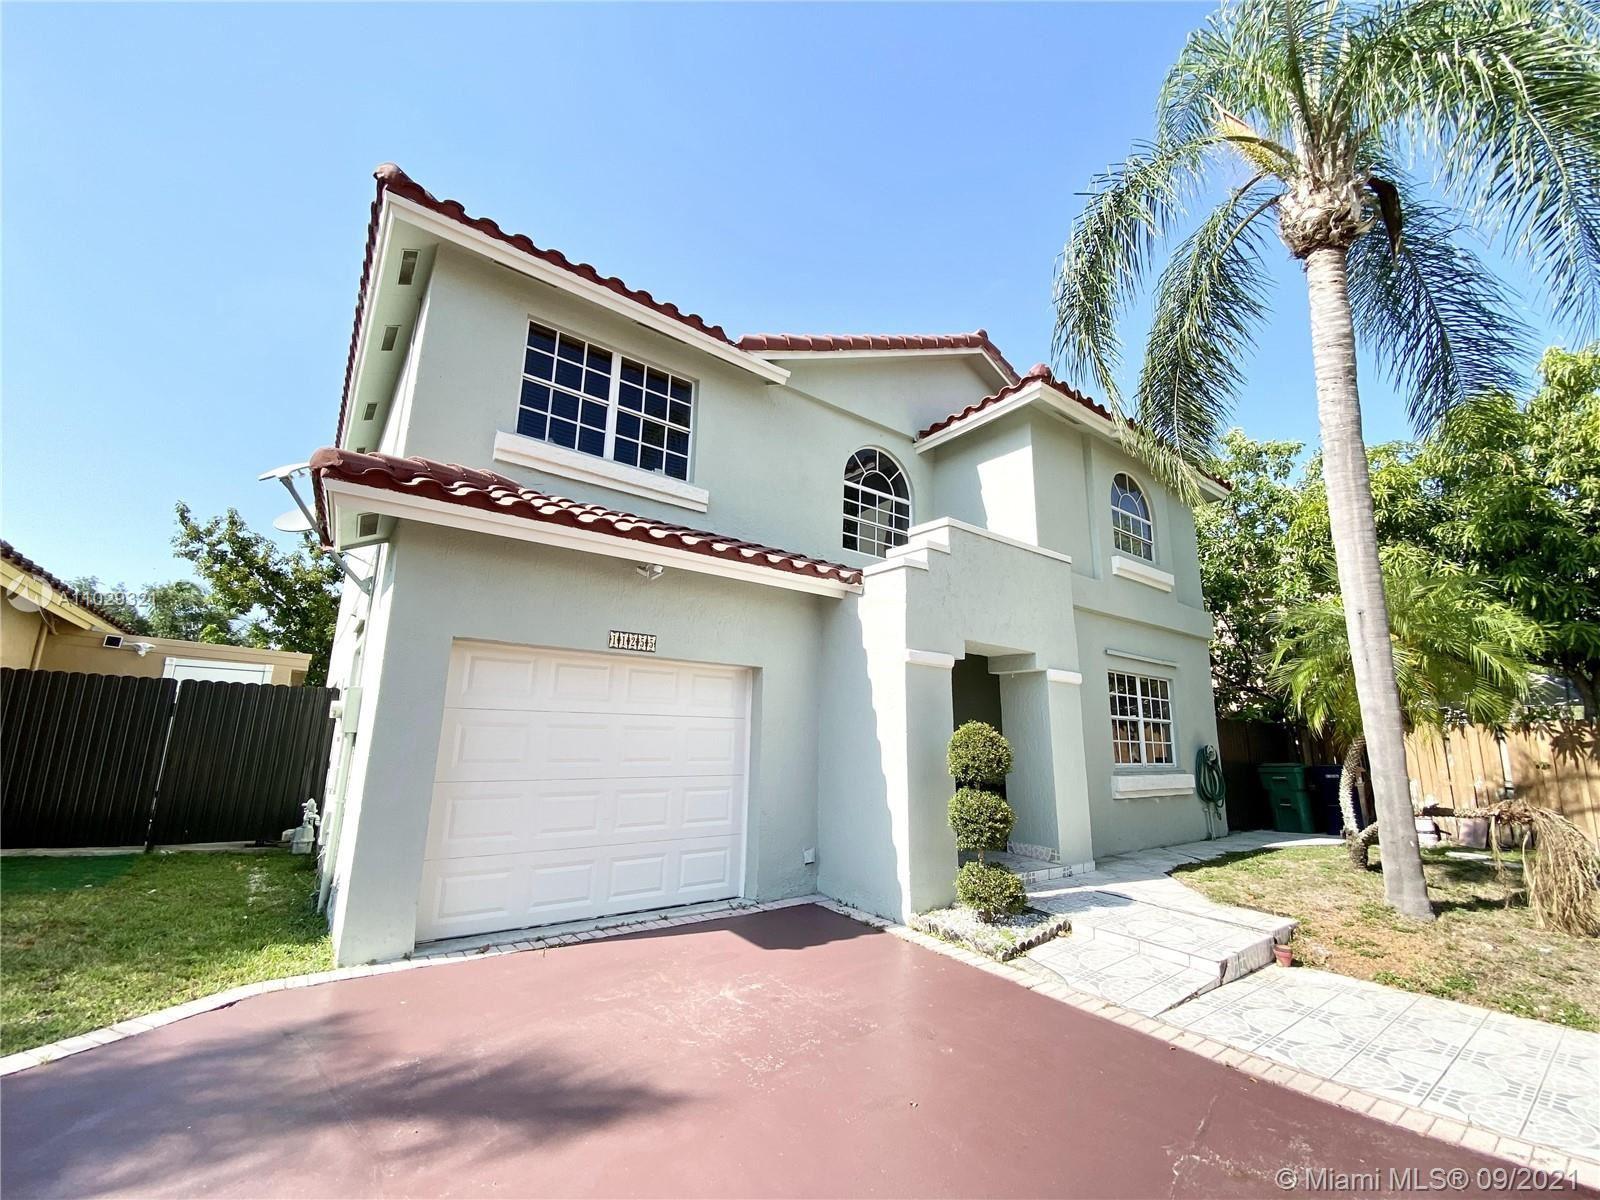 11255 SW 160th Ct, Miami, FL 33196 - #: A11029321